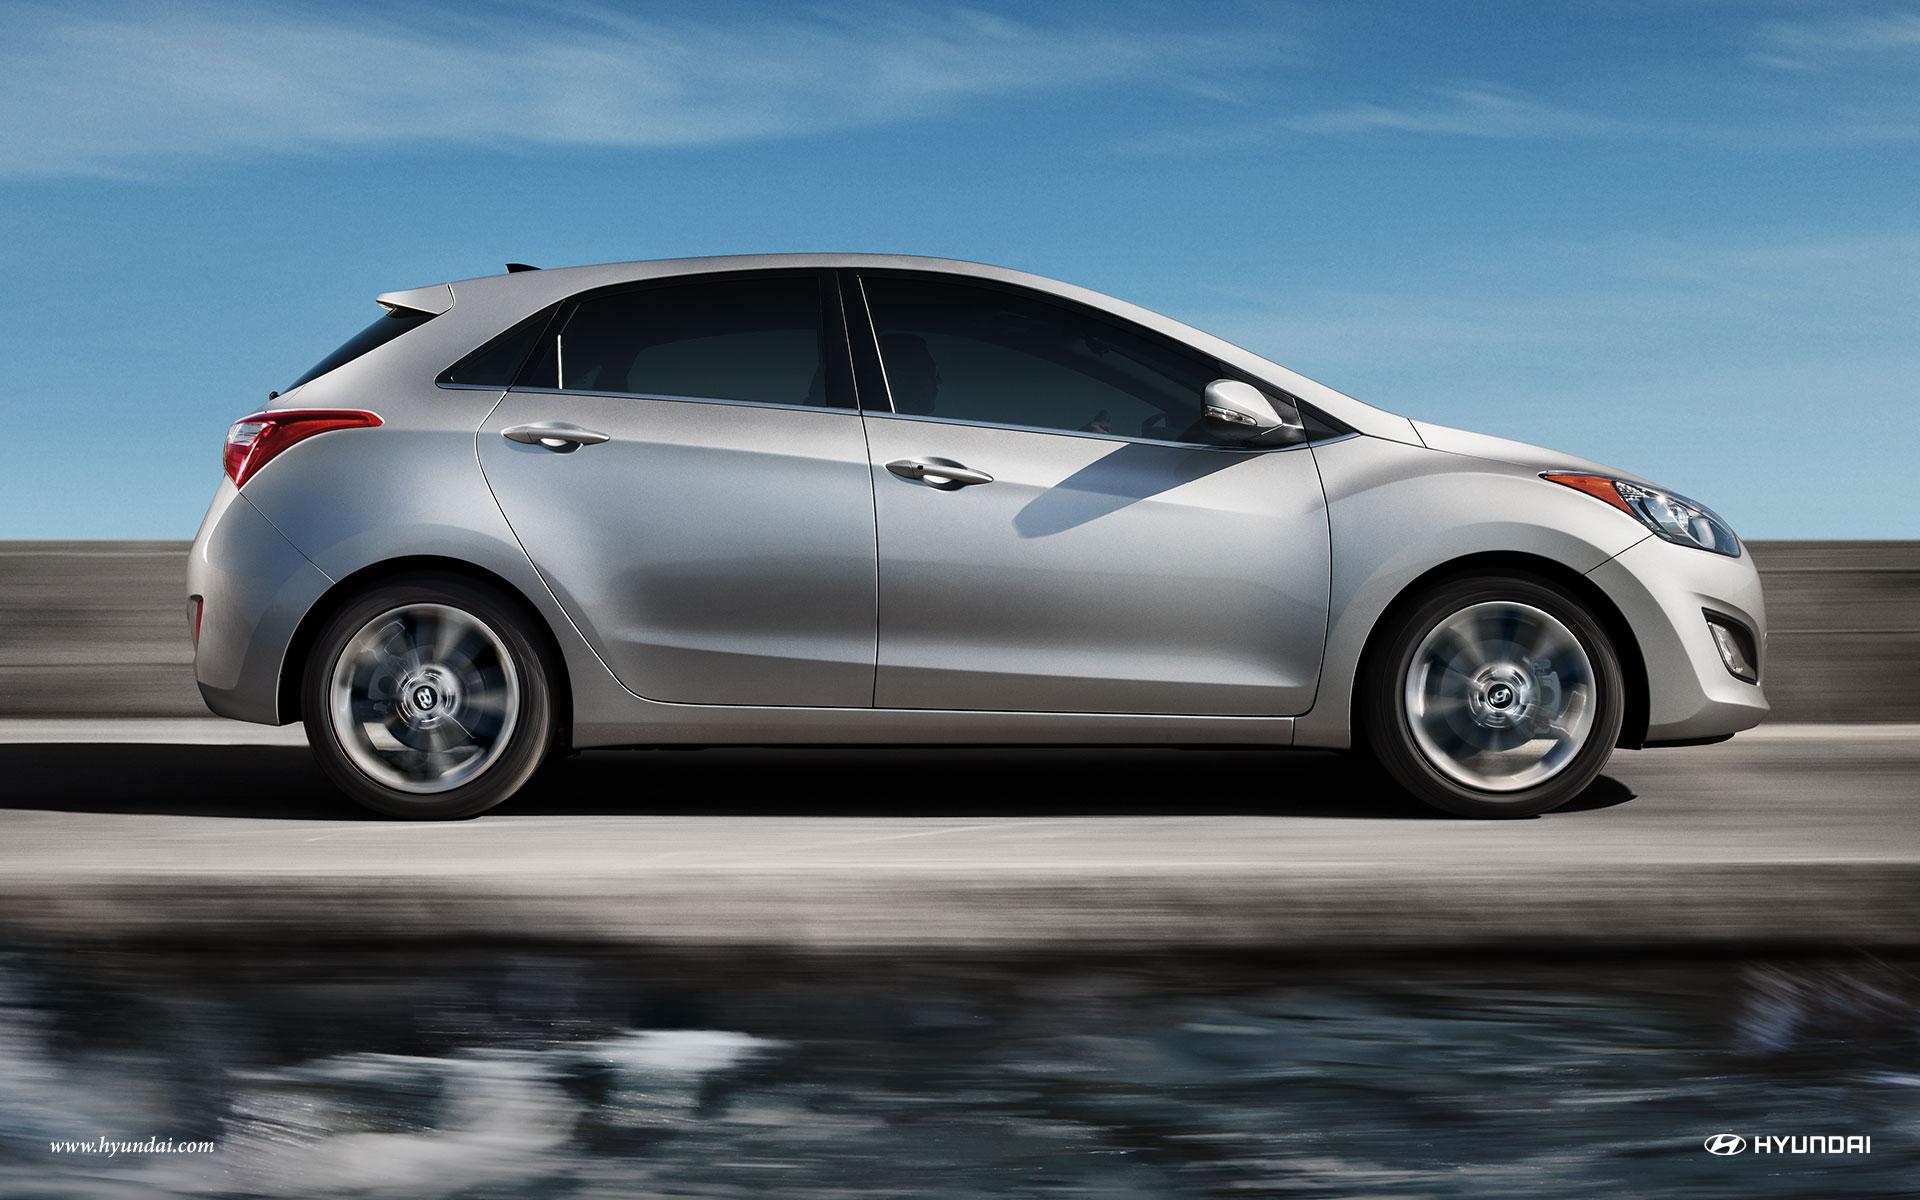 gt lease elantra hatchback listings hyundai car clo offers full